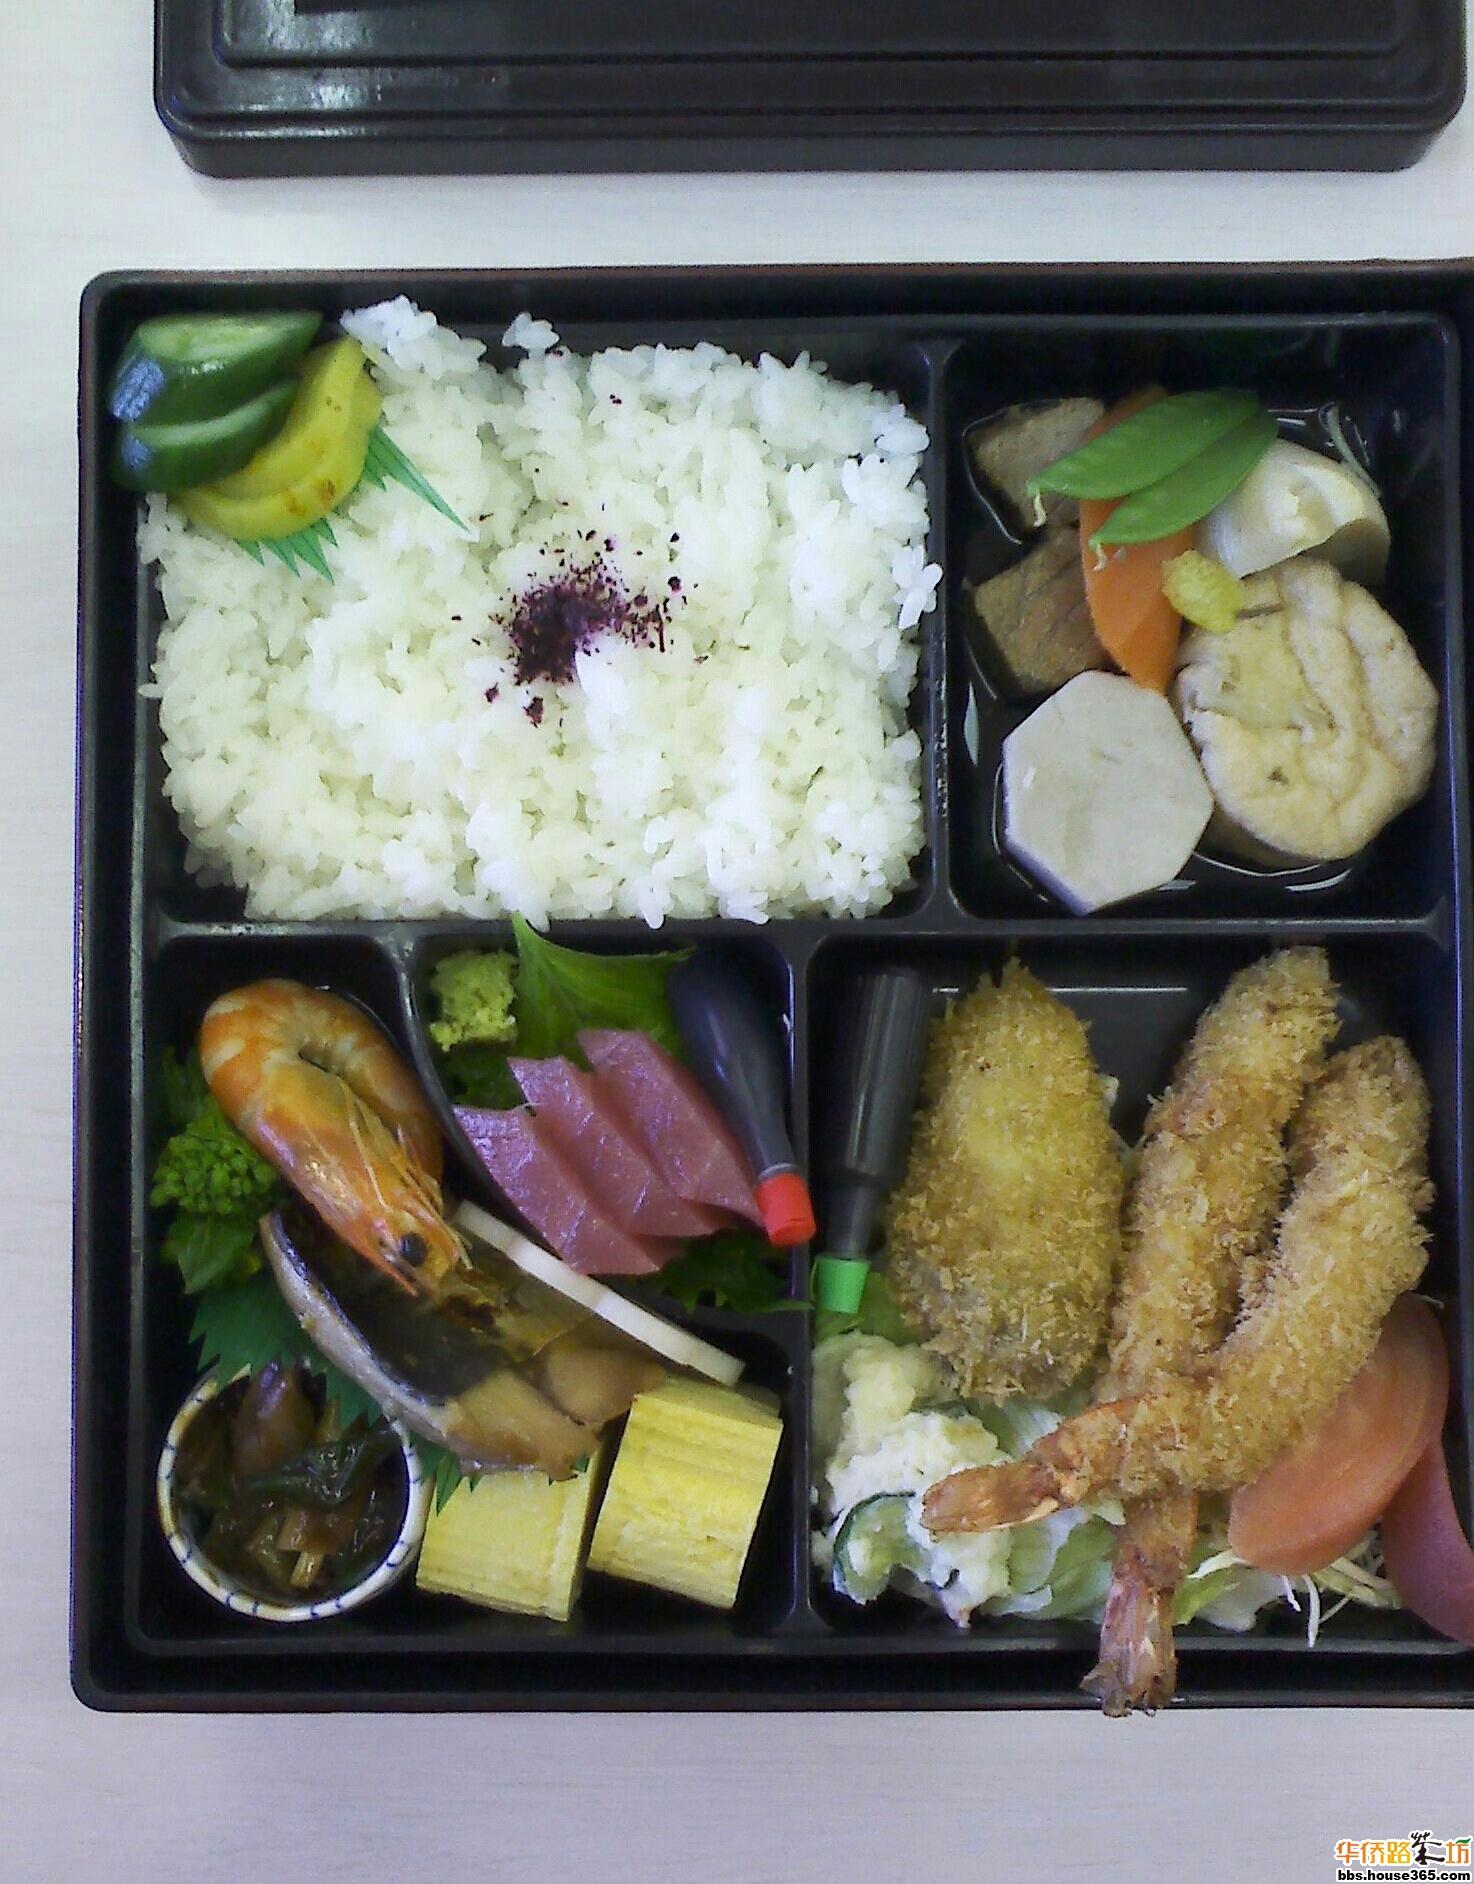 > 日本的工作餐!